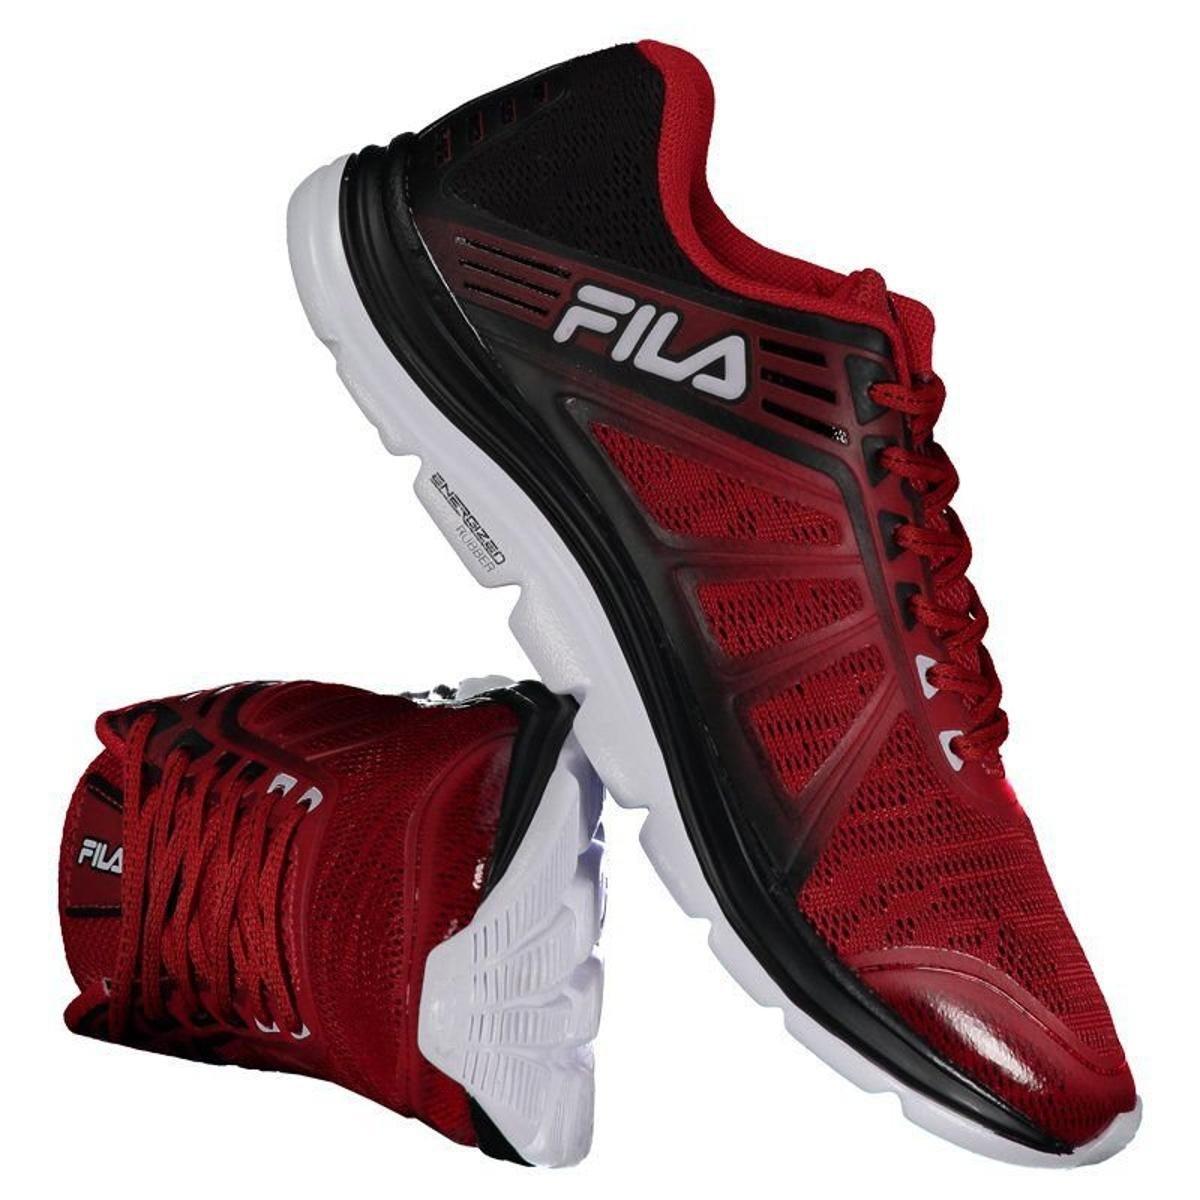 bcbbe28f35 Tênis Fila Spirit 2.0 Masculino - Vermelho - Compre Agora